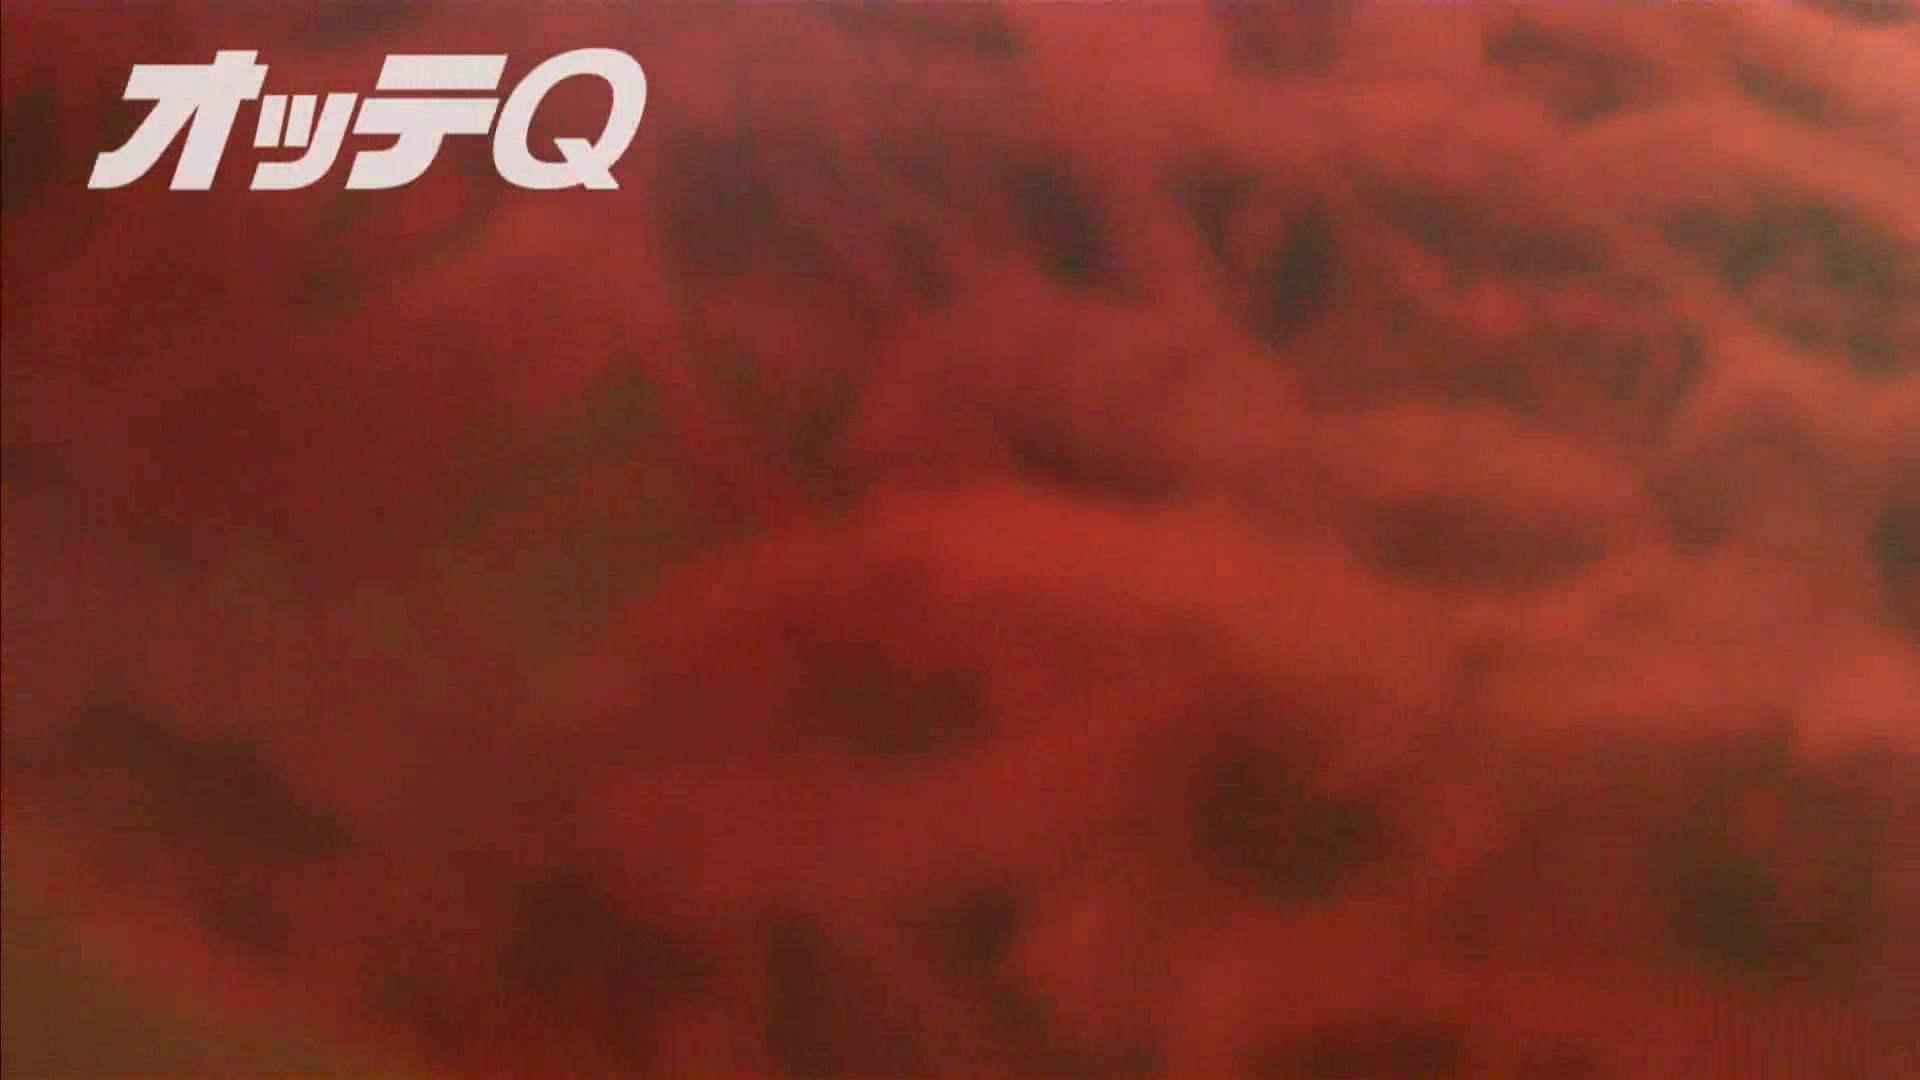 ハイビジョンパンチラ オッテQさんの追跡パンチラデパート編VOL.06 パンチラ | HなOL  79pic 48